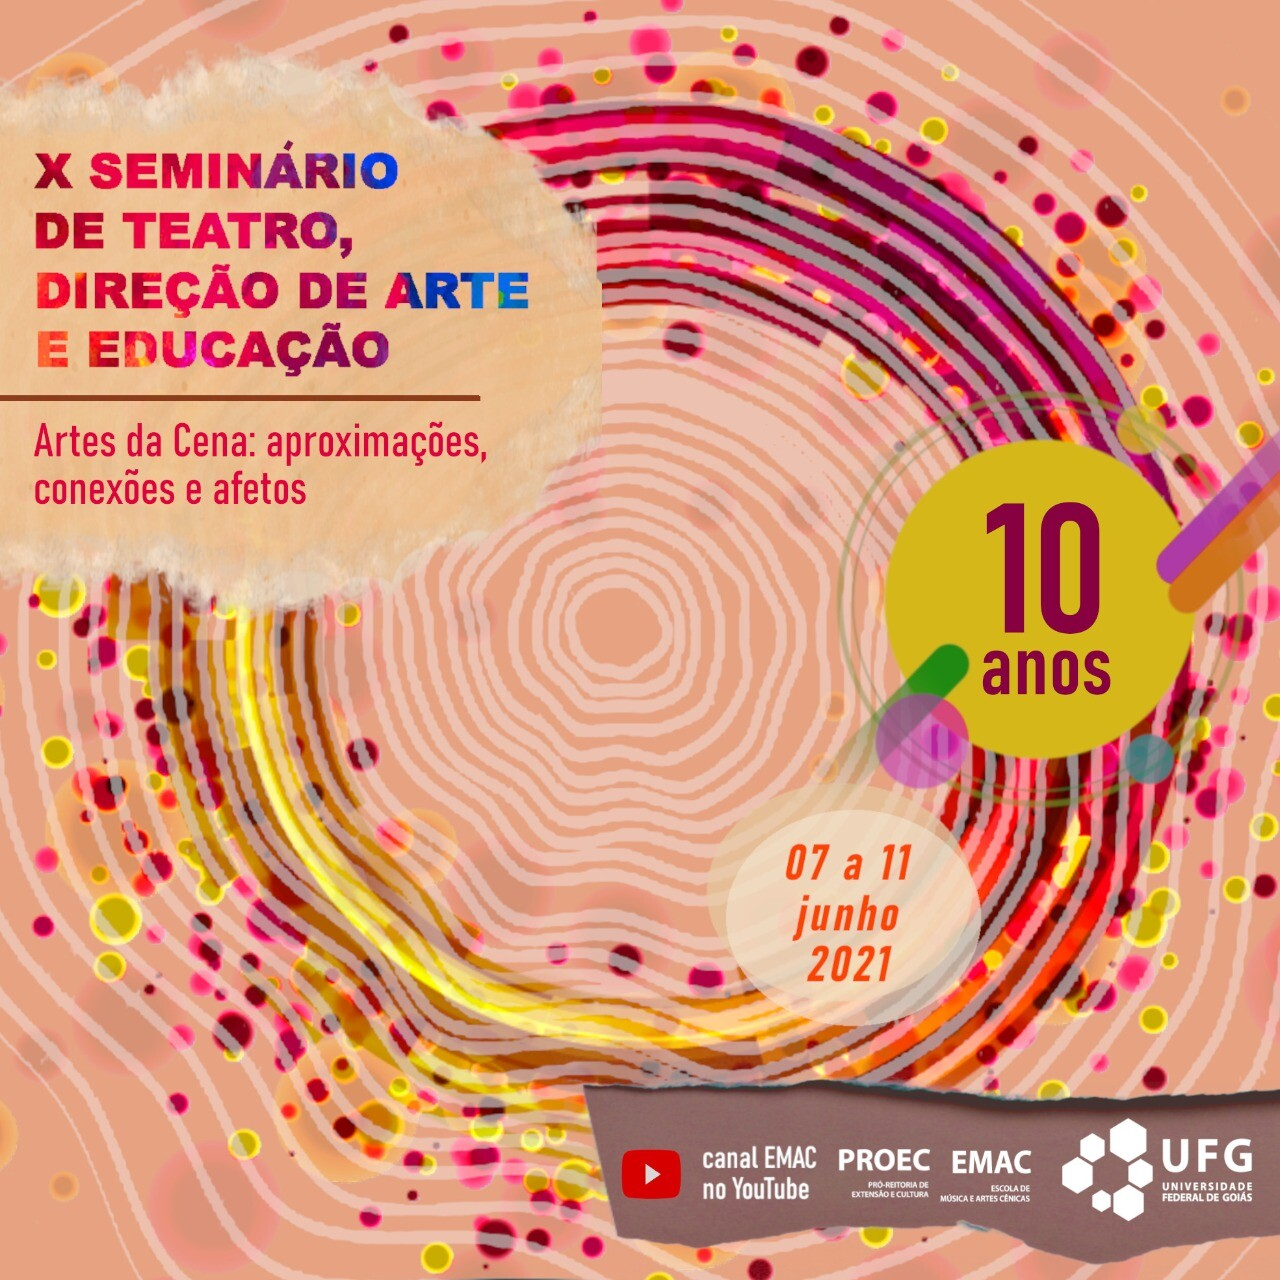 X Seminário de Teatro, Direção de Arte e Educação (1)